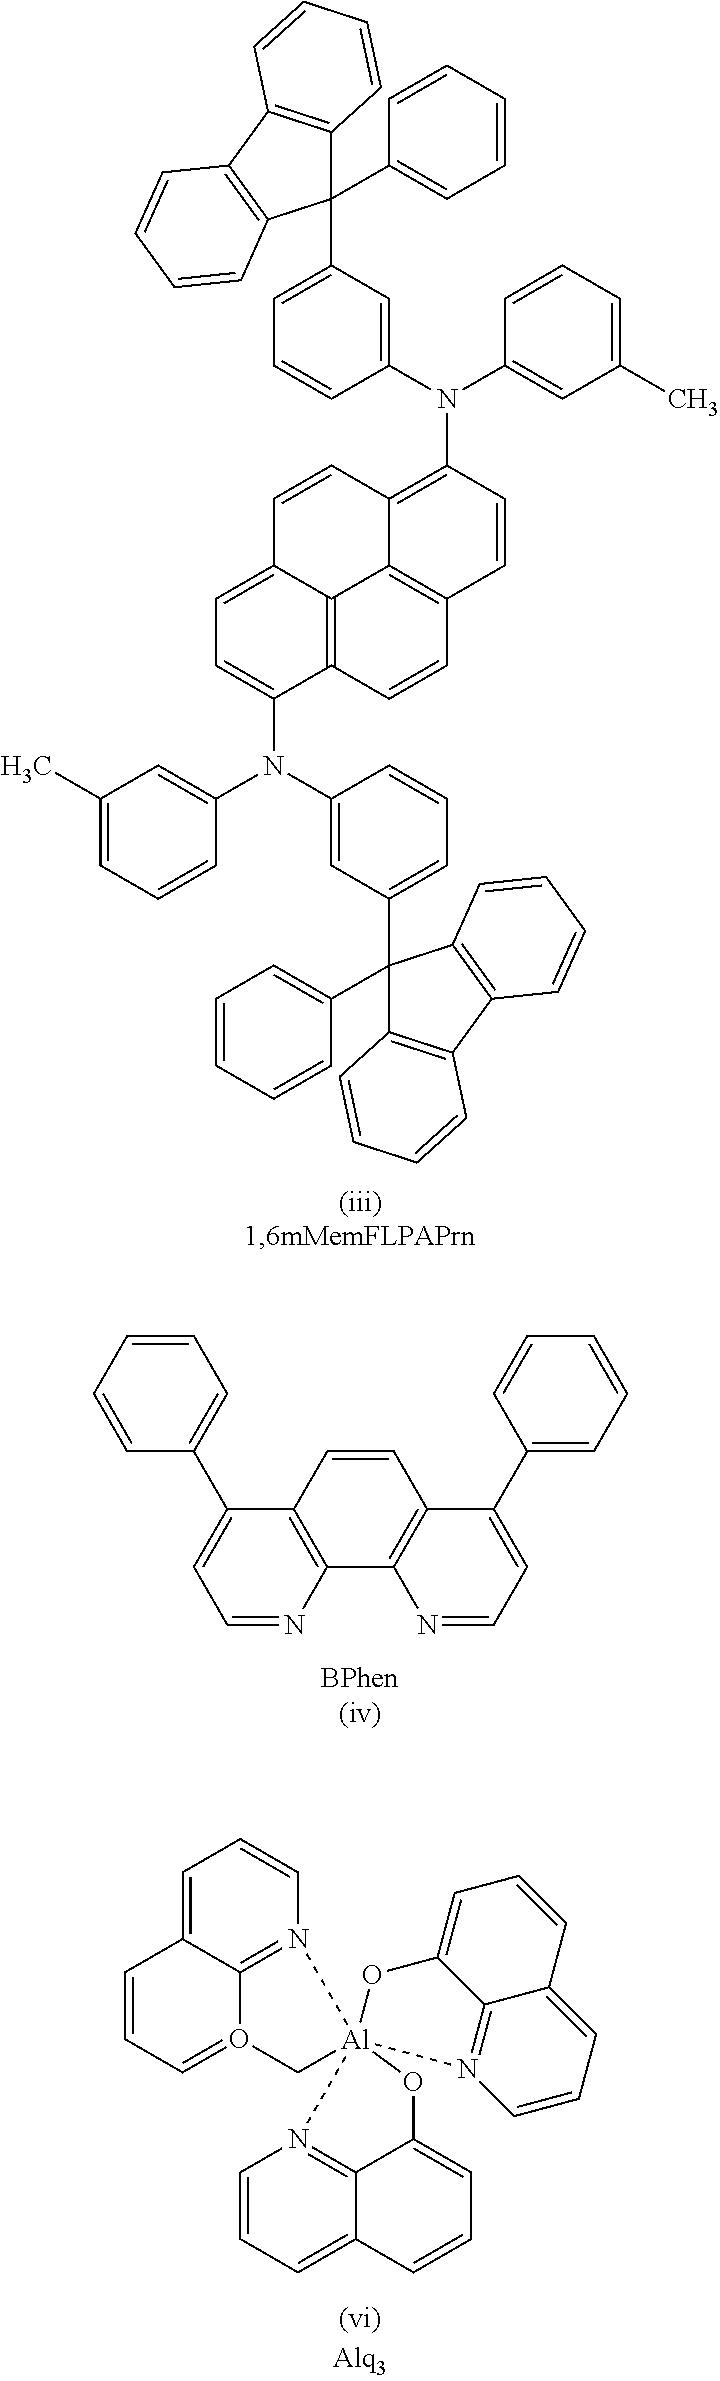 Figure US09240558-20160119-C00068